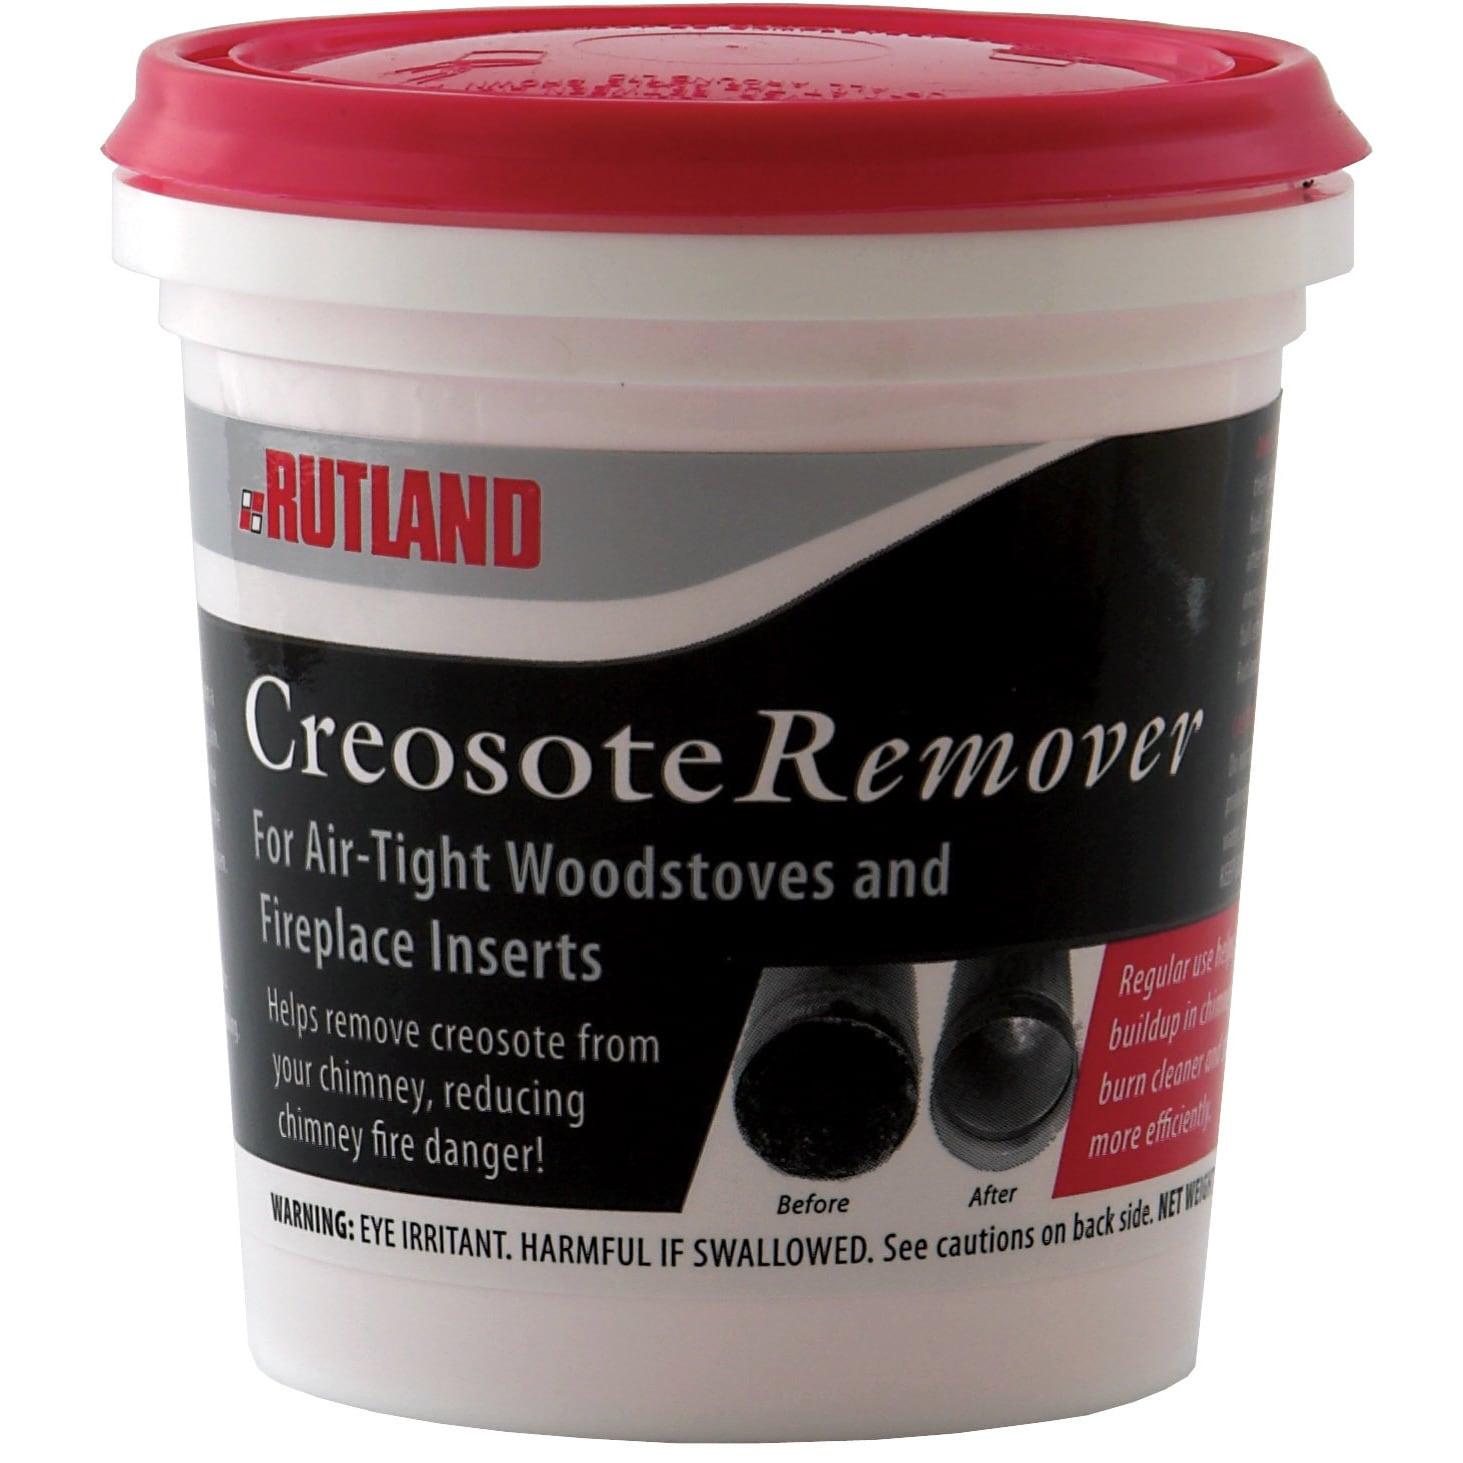 Jensen Rutland 97 1 Lb Creosote Remover (Creosote Remover...